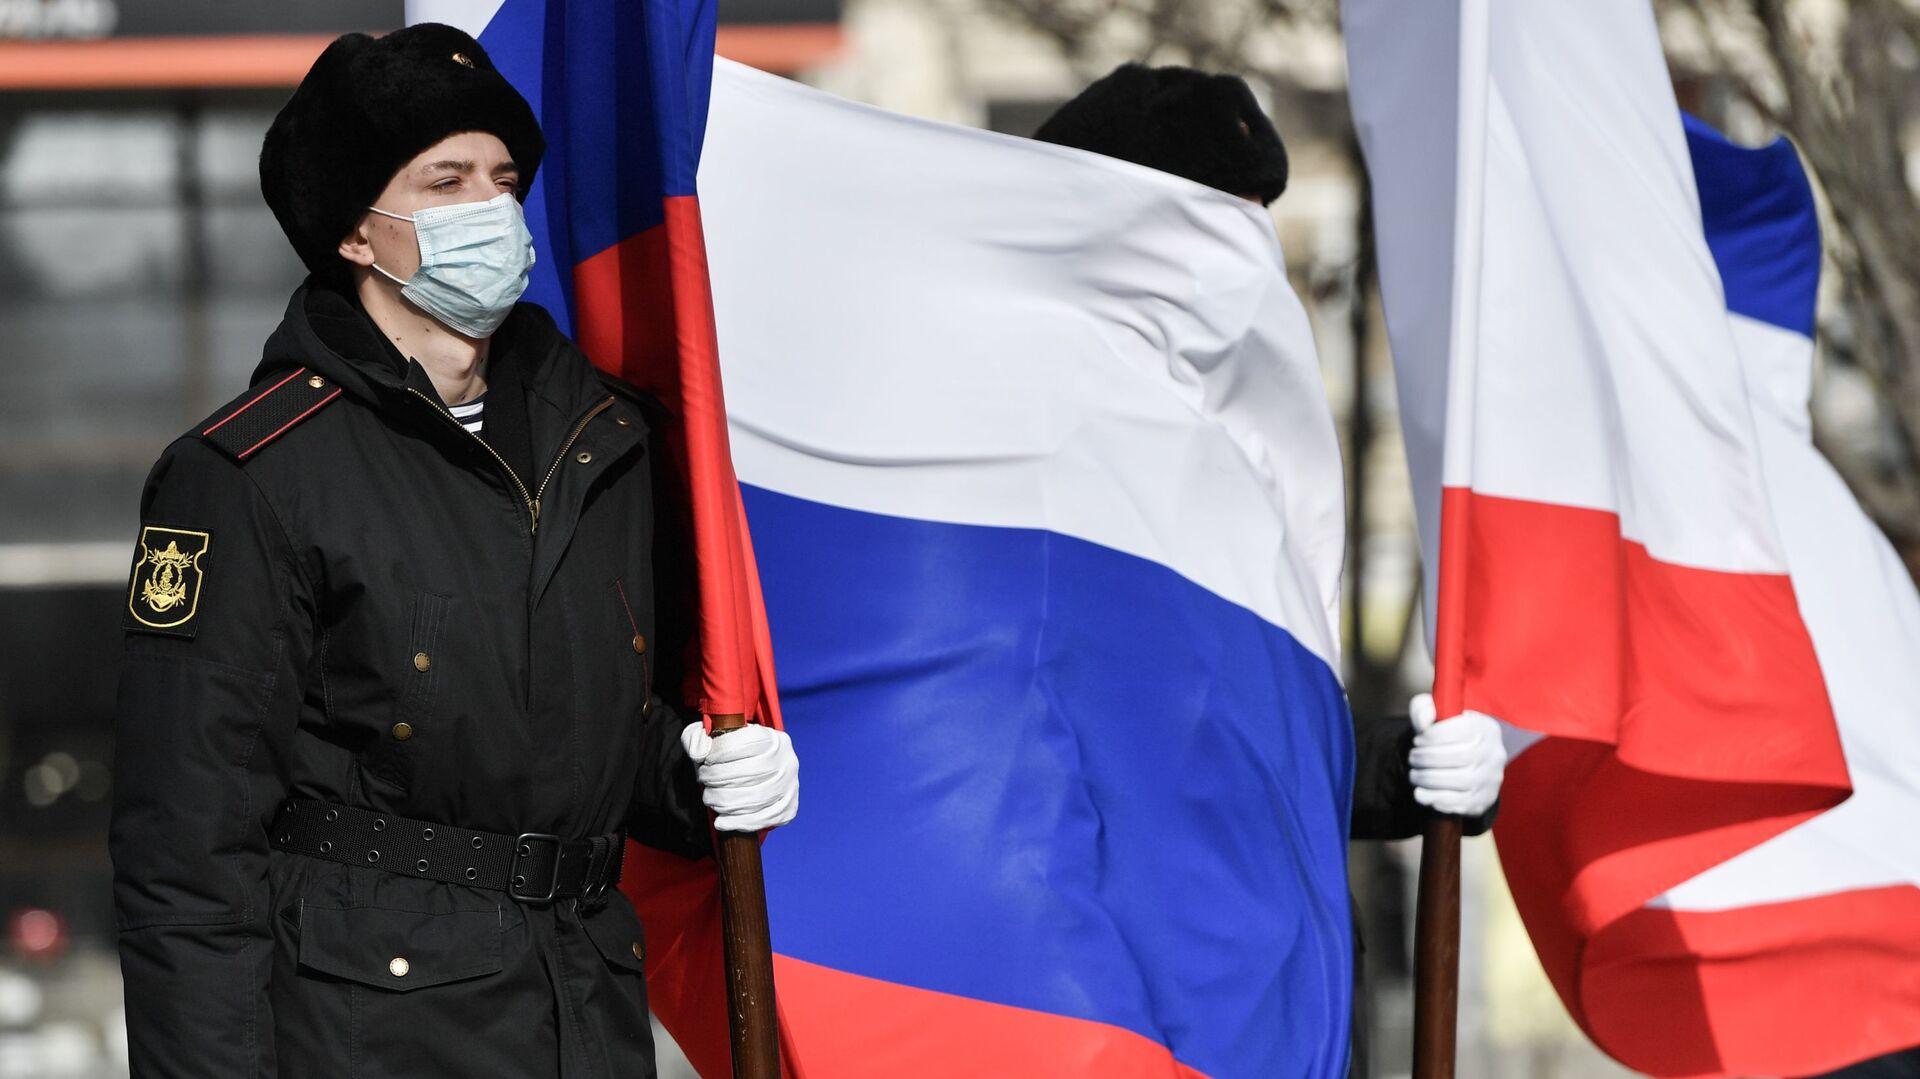 Uczestnicy wydarzeń poświęconych 7. rocznicy przyłączenia Krymu do Rosji. - Sputnik Polska, 1920, 29.09.2021